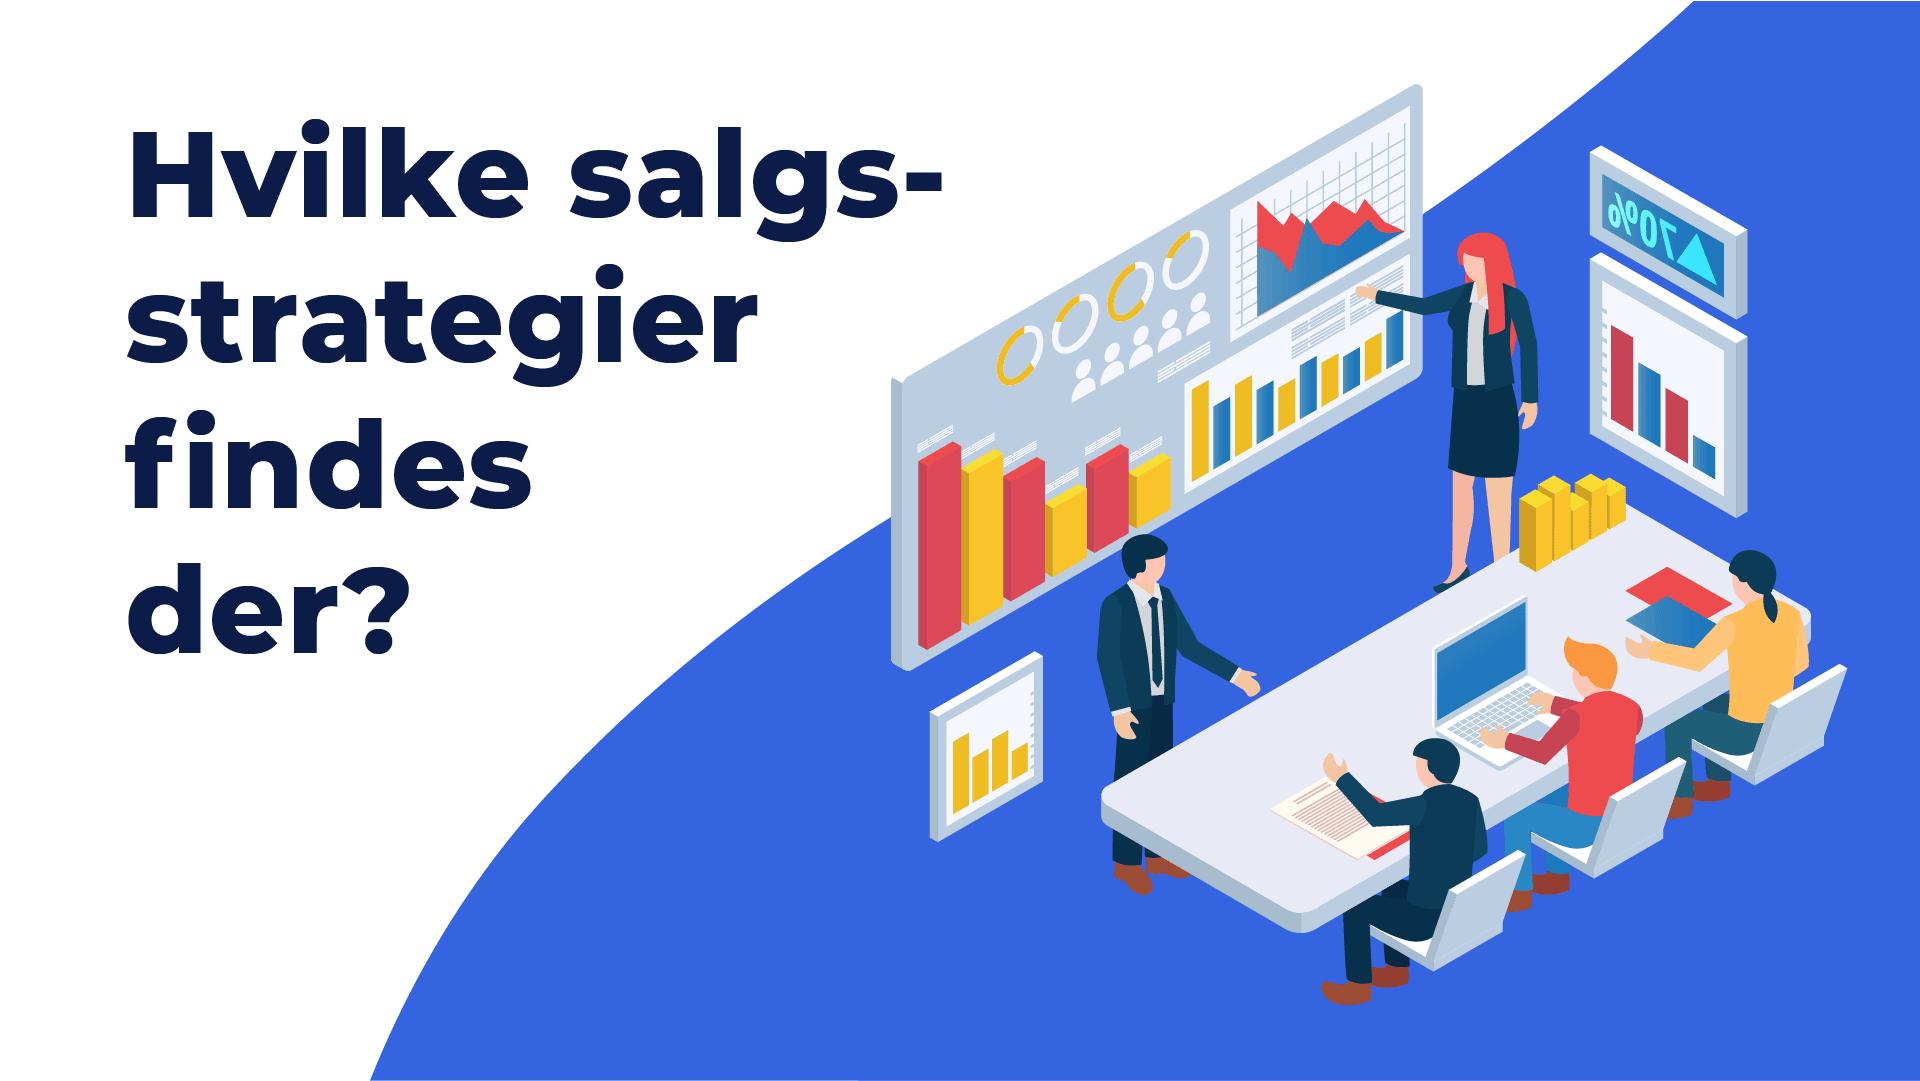 """Featured image for """"Hvilke salgsstrategier findes der?"""""""